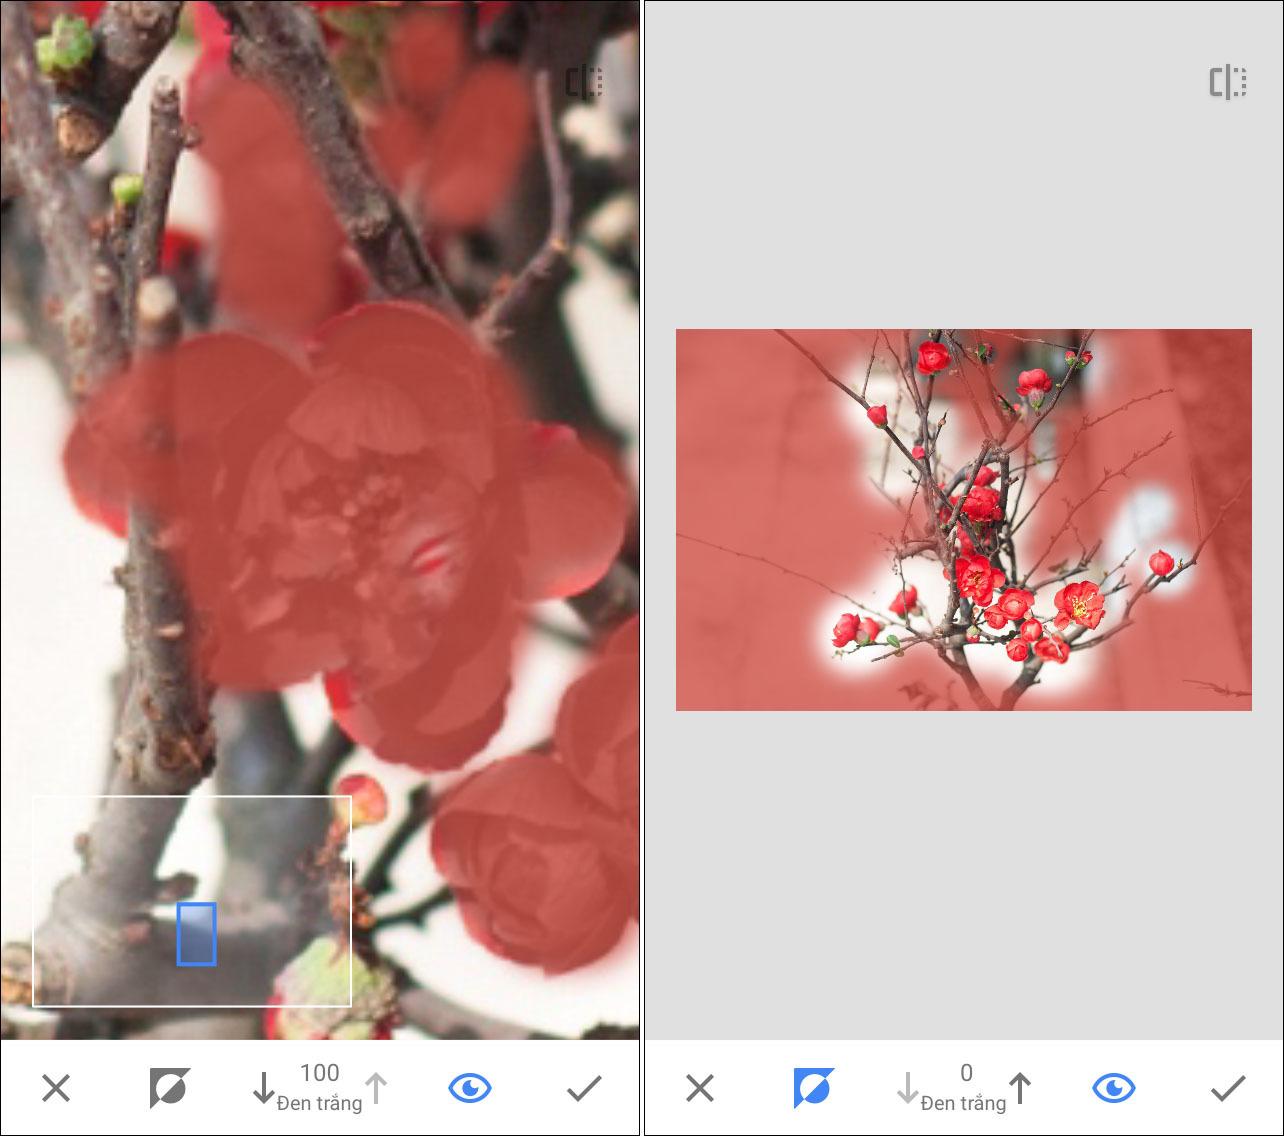 Cách tạo ảnh màu trên nền đen trắng bằng smartphone